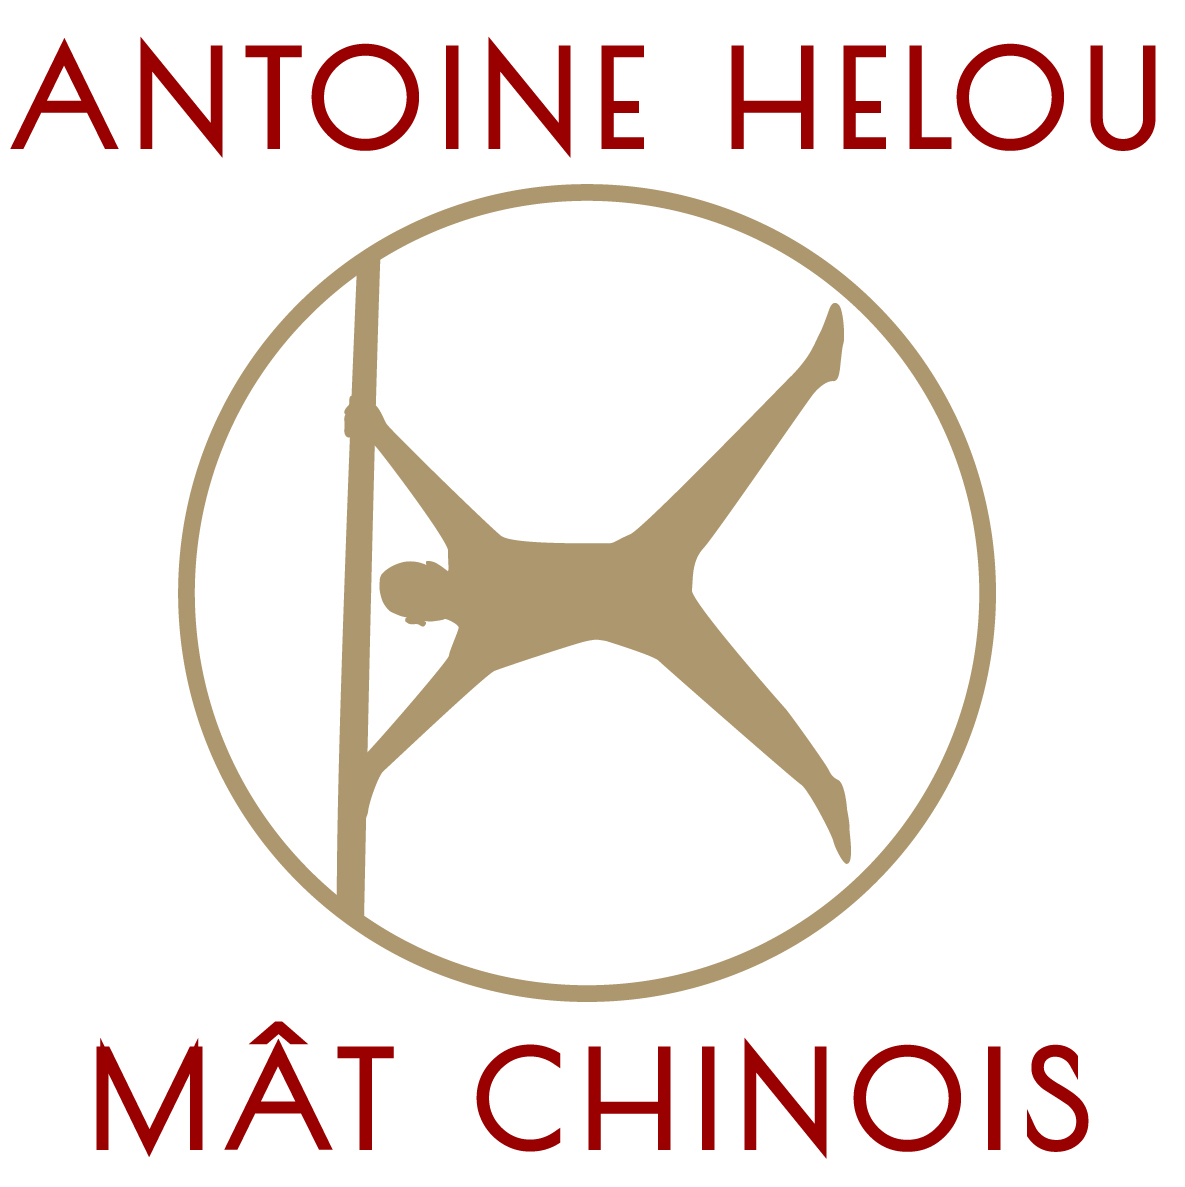 Antoine Helou